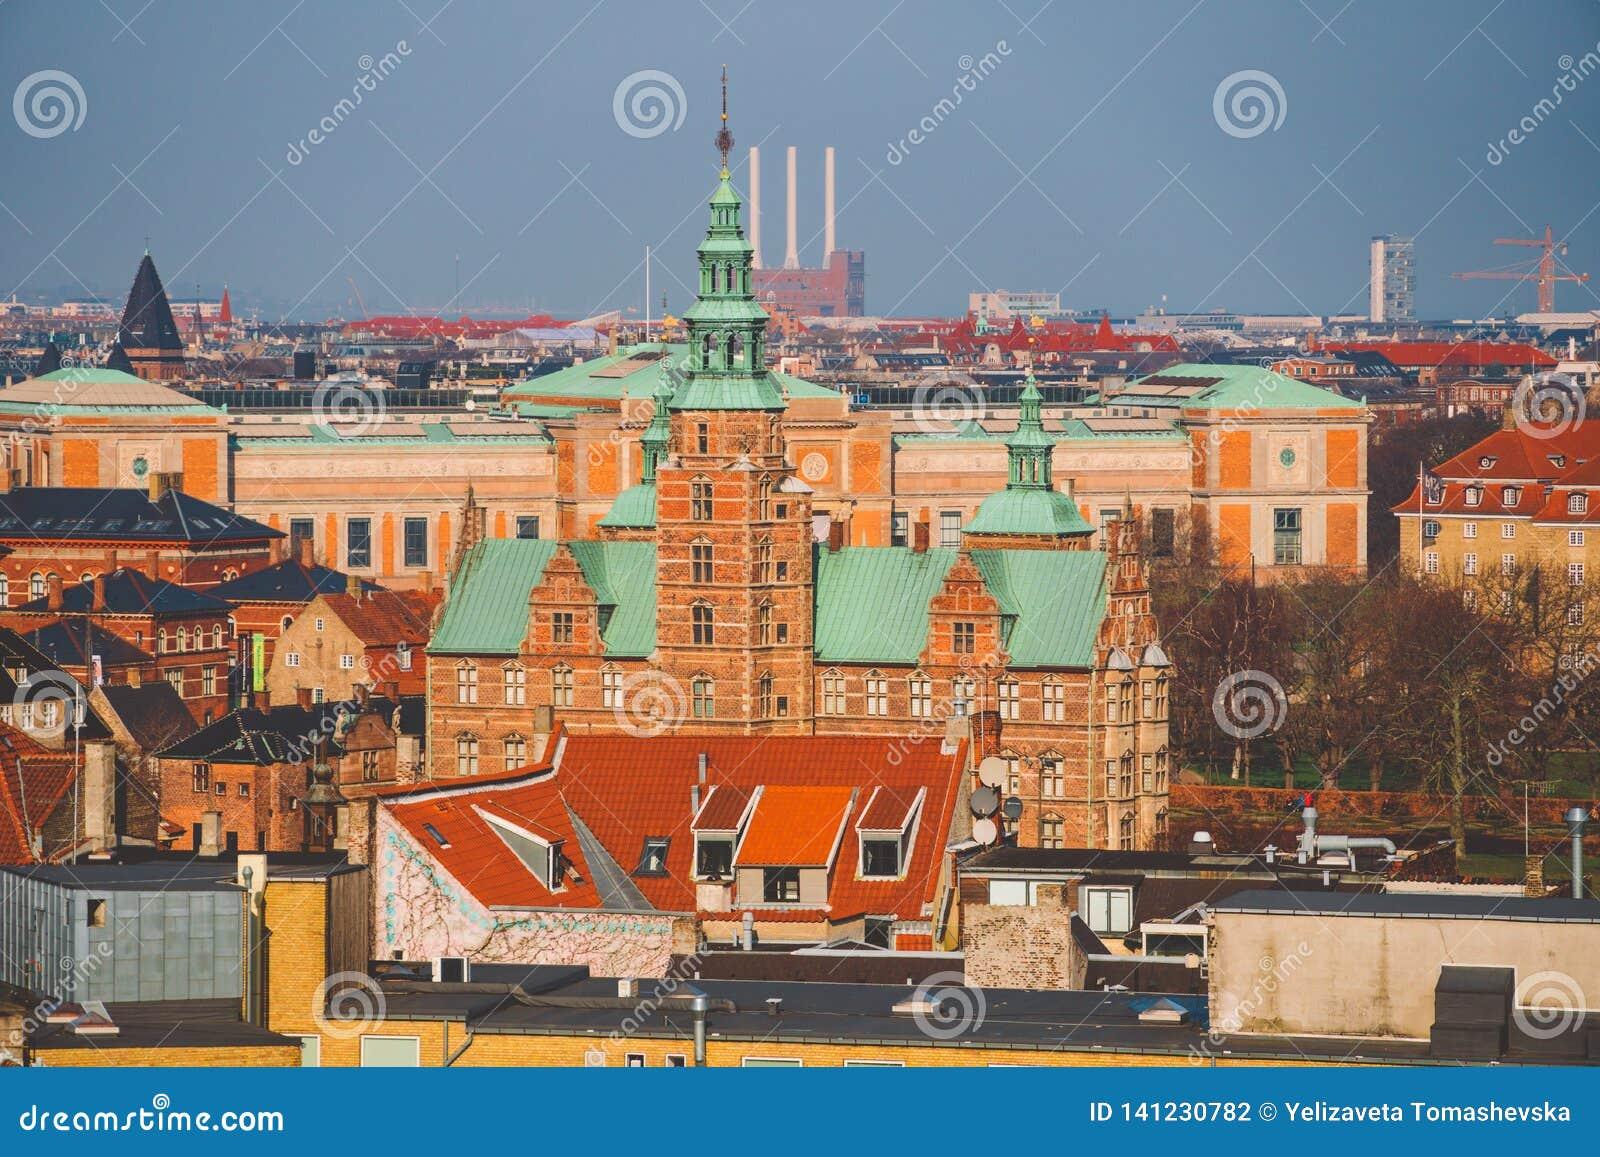 18 Φεβρουαρίου 2019 Δανία Κοπεγχάγη Πανοραμική τοπ άποψη του κέντρου πόλεων από ένα υψηλό σημείο Στρογγυλός πύργος Rundetaarn